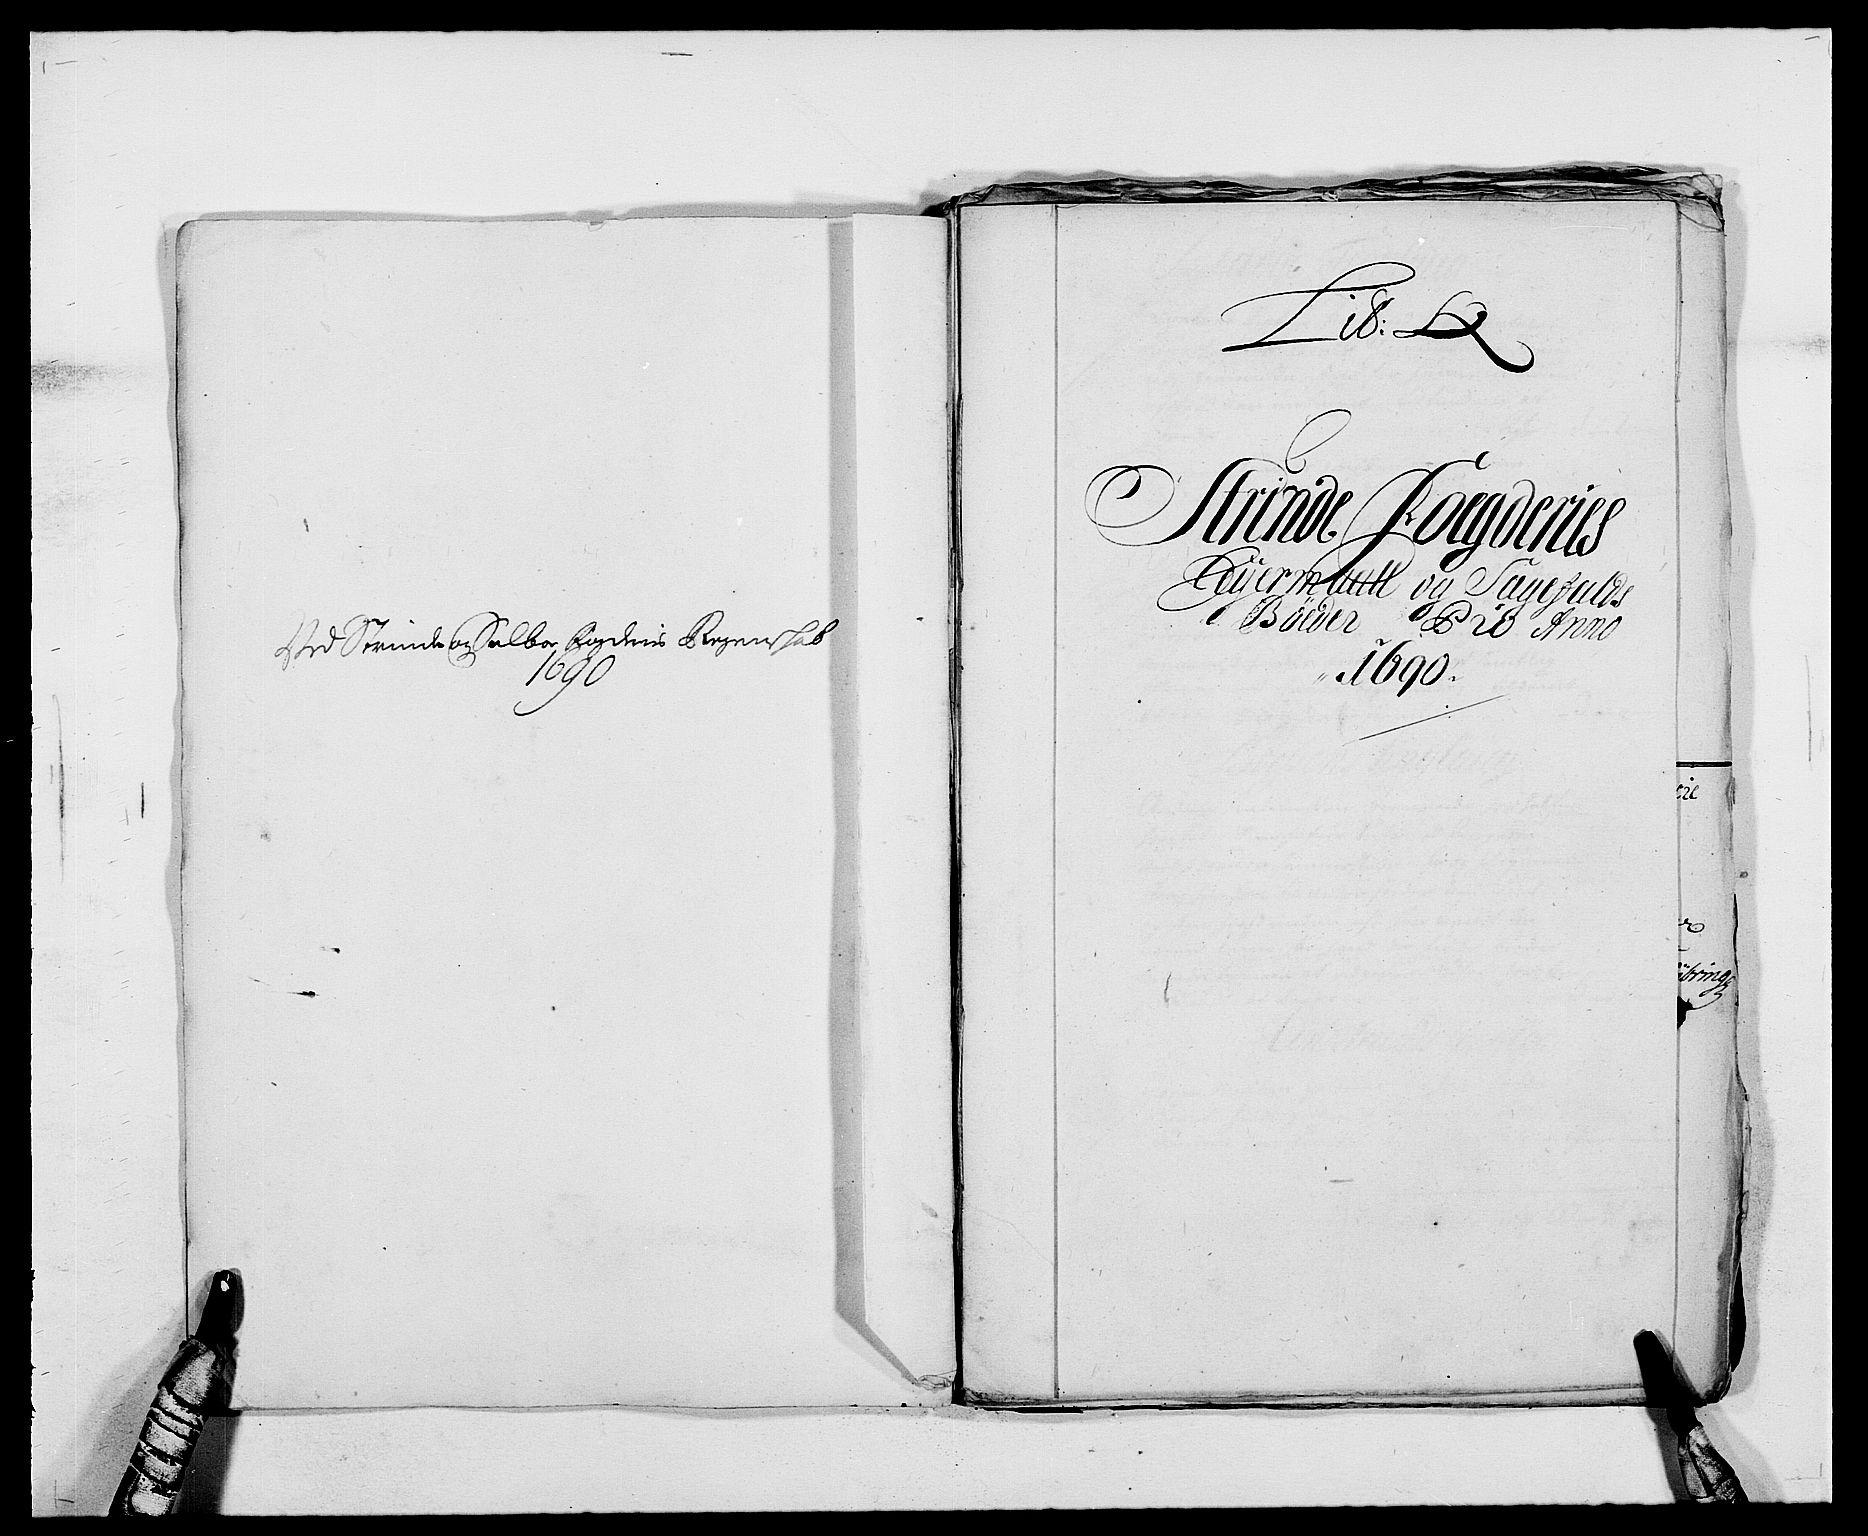 RA, Rentekammeret inntil 1814, Reviderte regnskaper, Fogderegnskap, R61/L4102: Fogderegnskap Strinda og Selbu, 1689-1690, s. 265